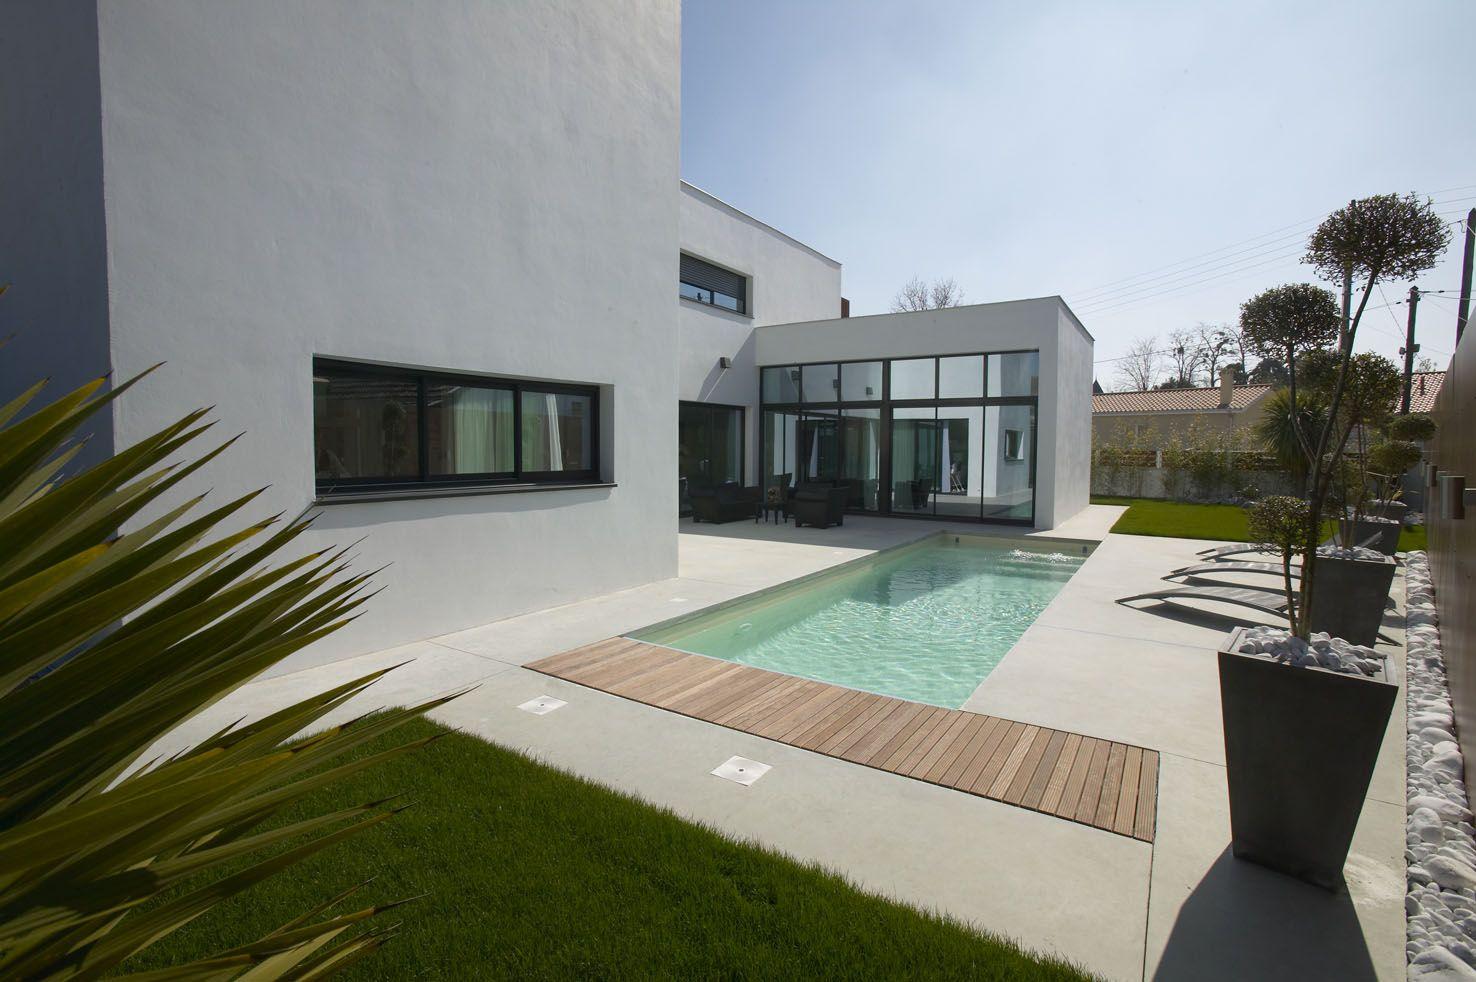 plan maison contemporaine toit plat - Recherche Google   Plan maison contemporaine, Maison ...